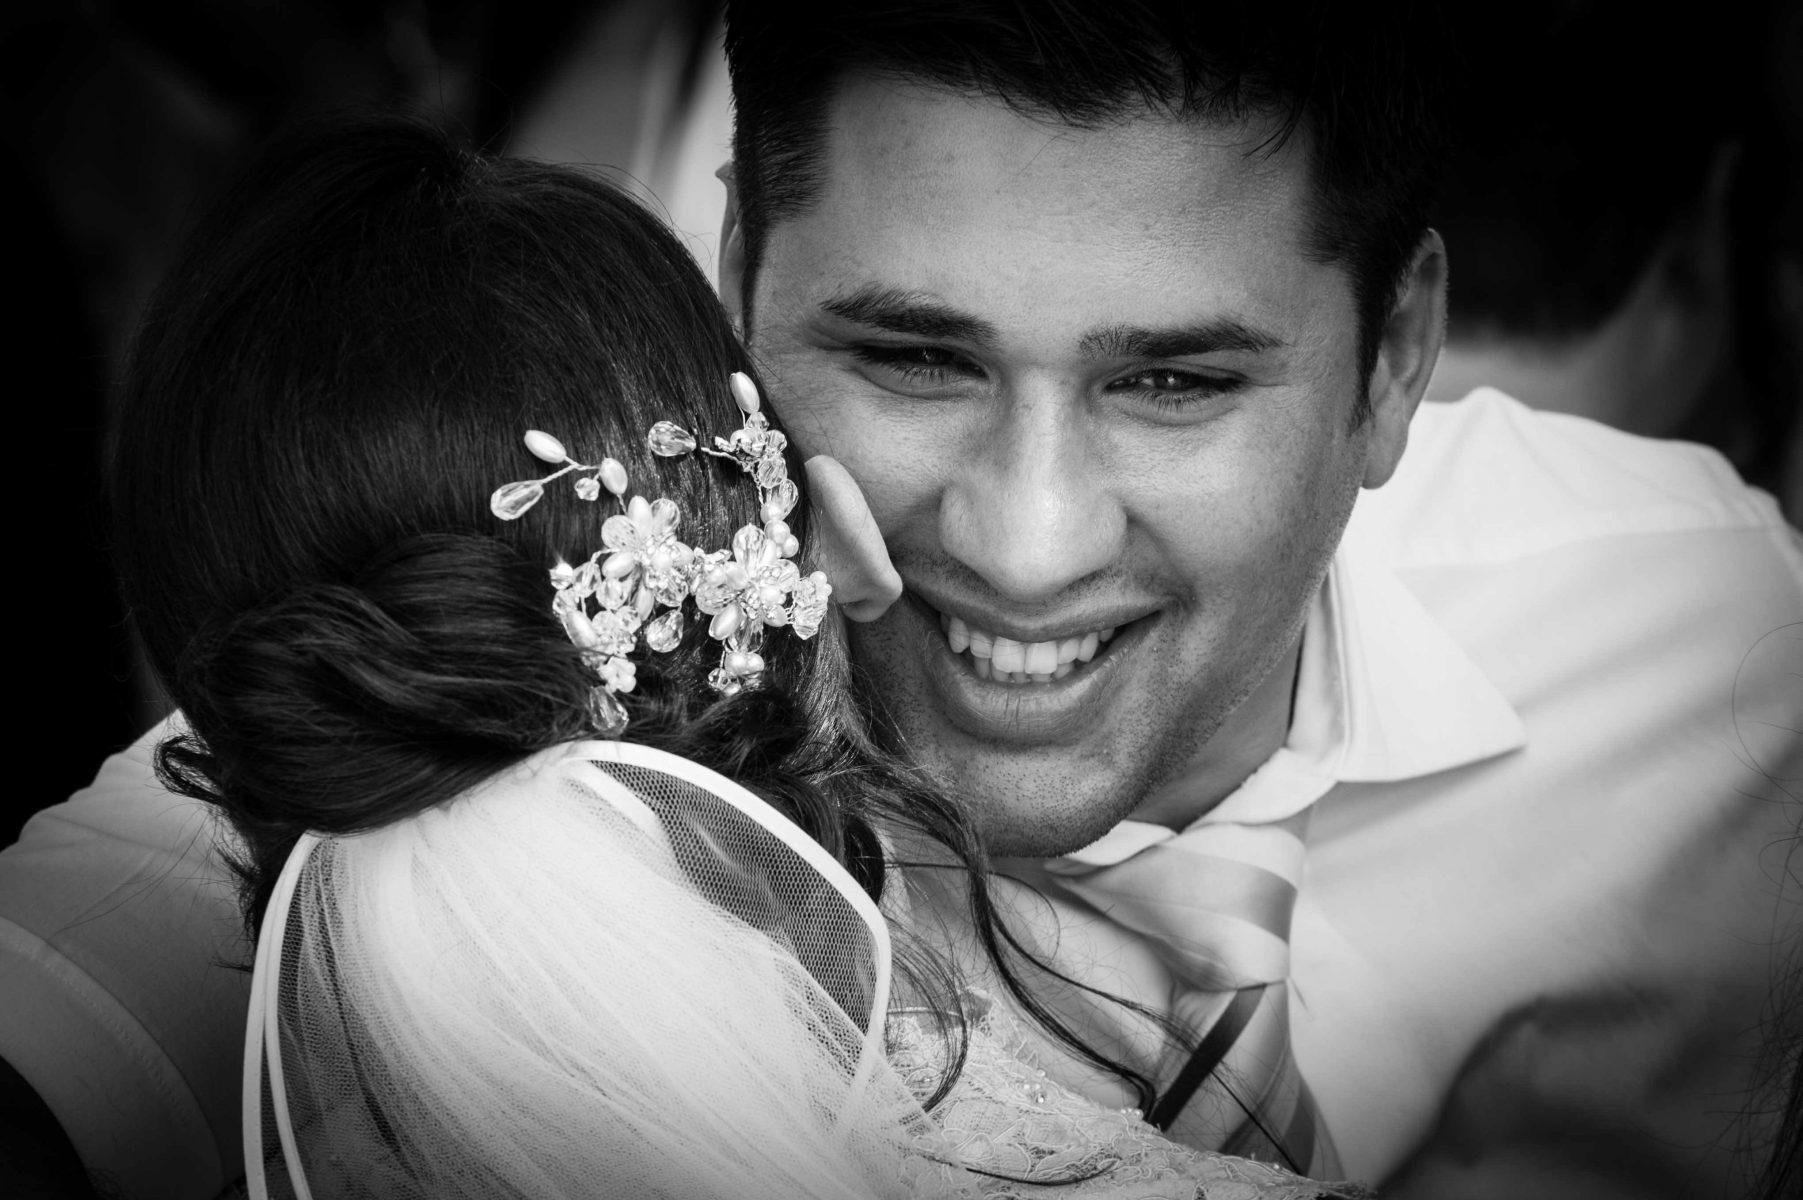 Hochzeit Gratulation B2000 2711 1803x1200 - GRATULATION & EMOTION